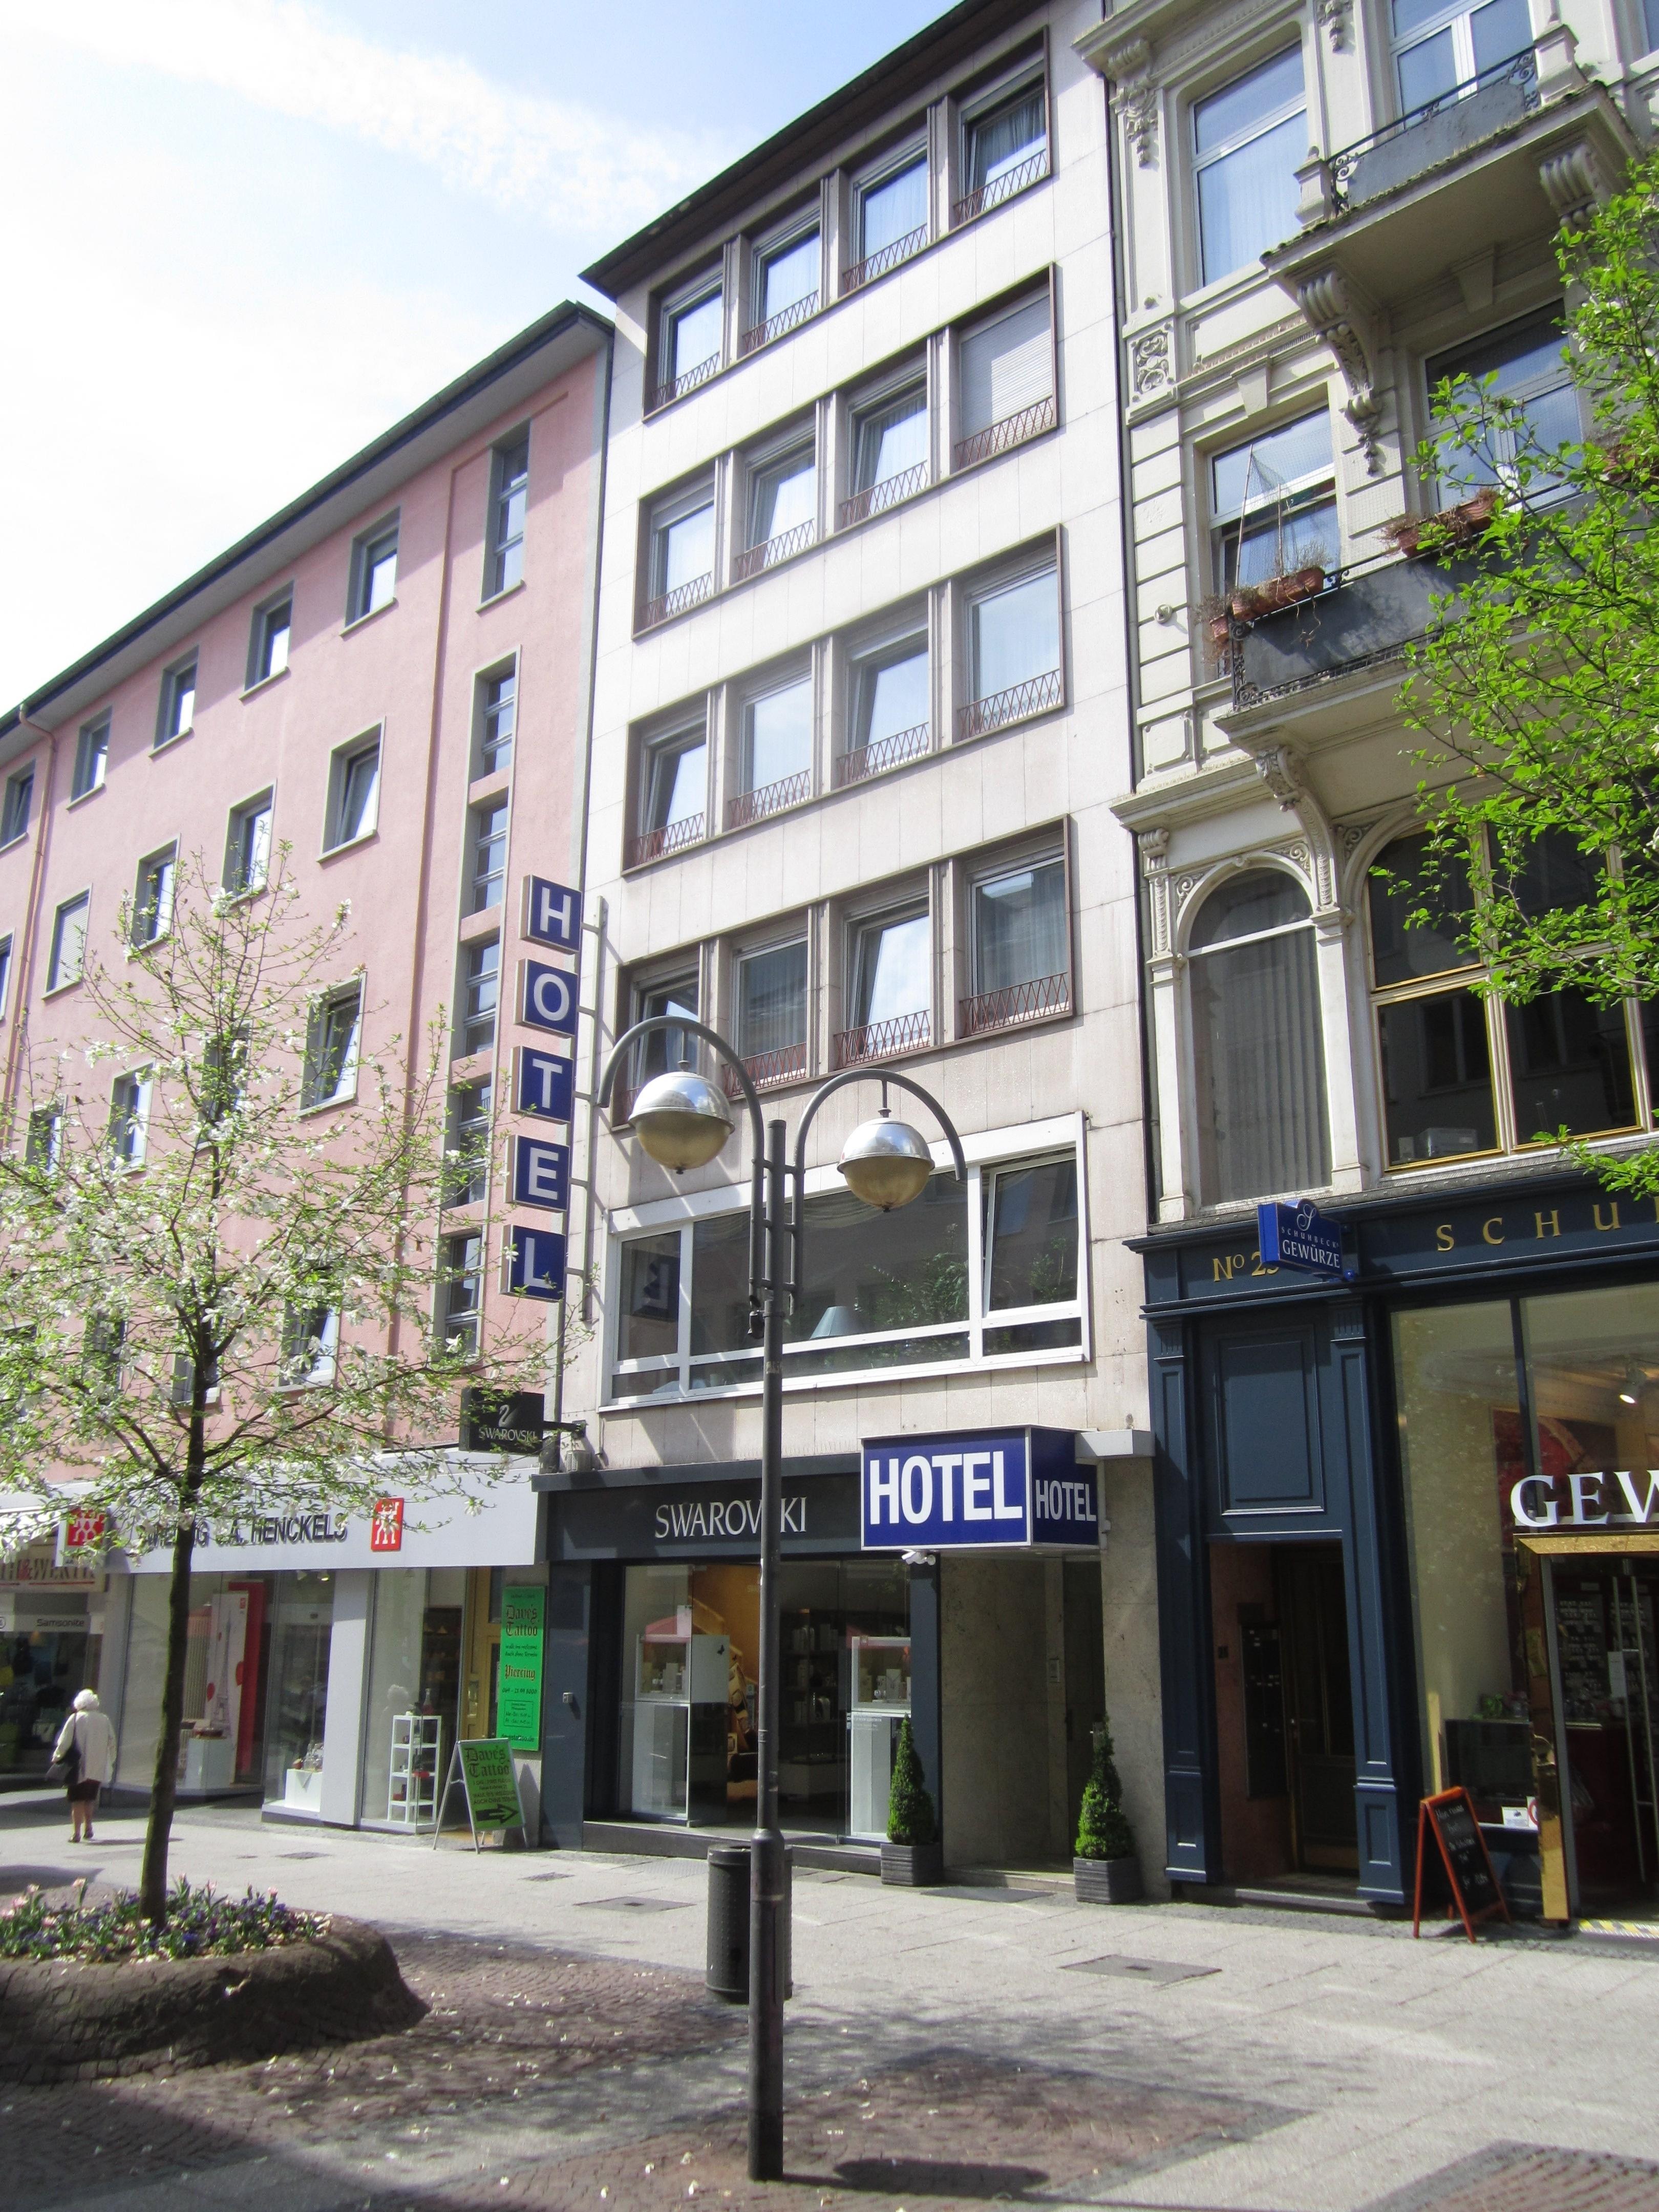 Günstige Hotels in Frankfurt am Main buchen